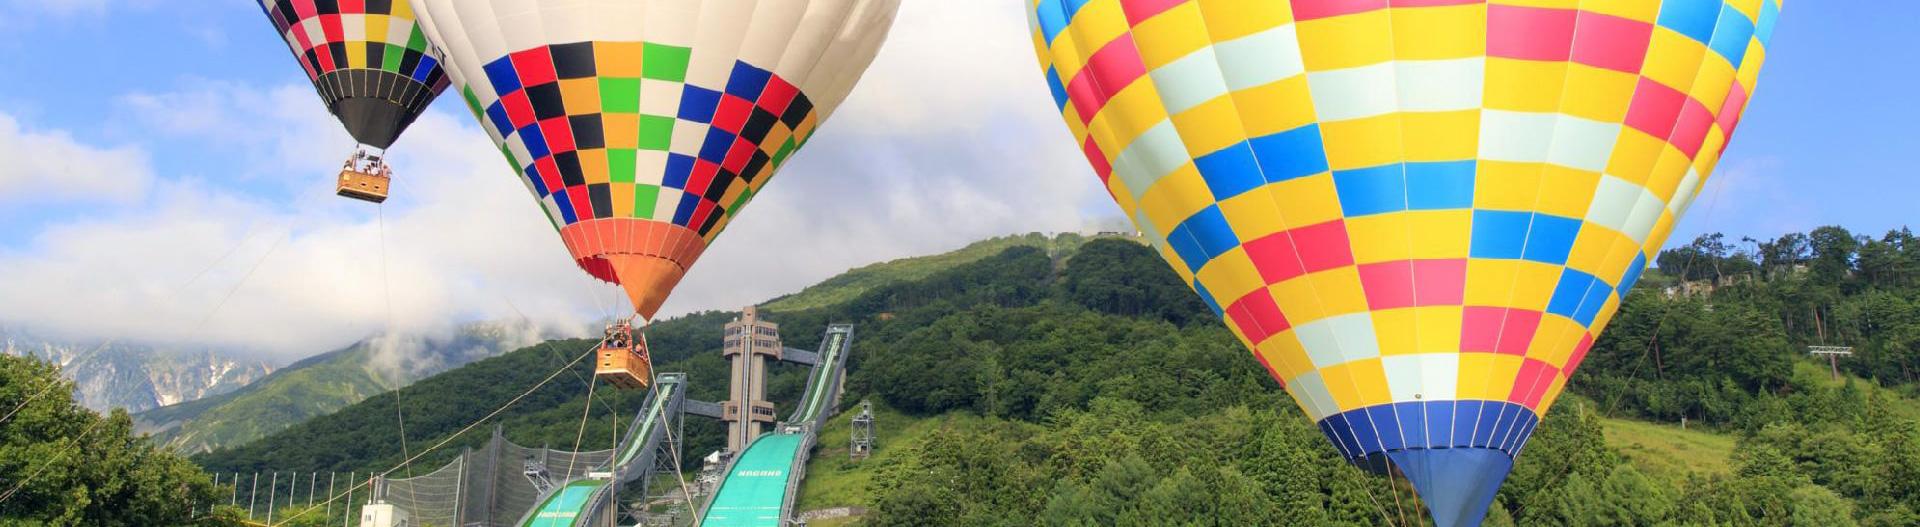 Hakuba Lion Adventure hot air balloon